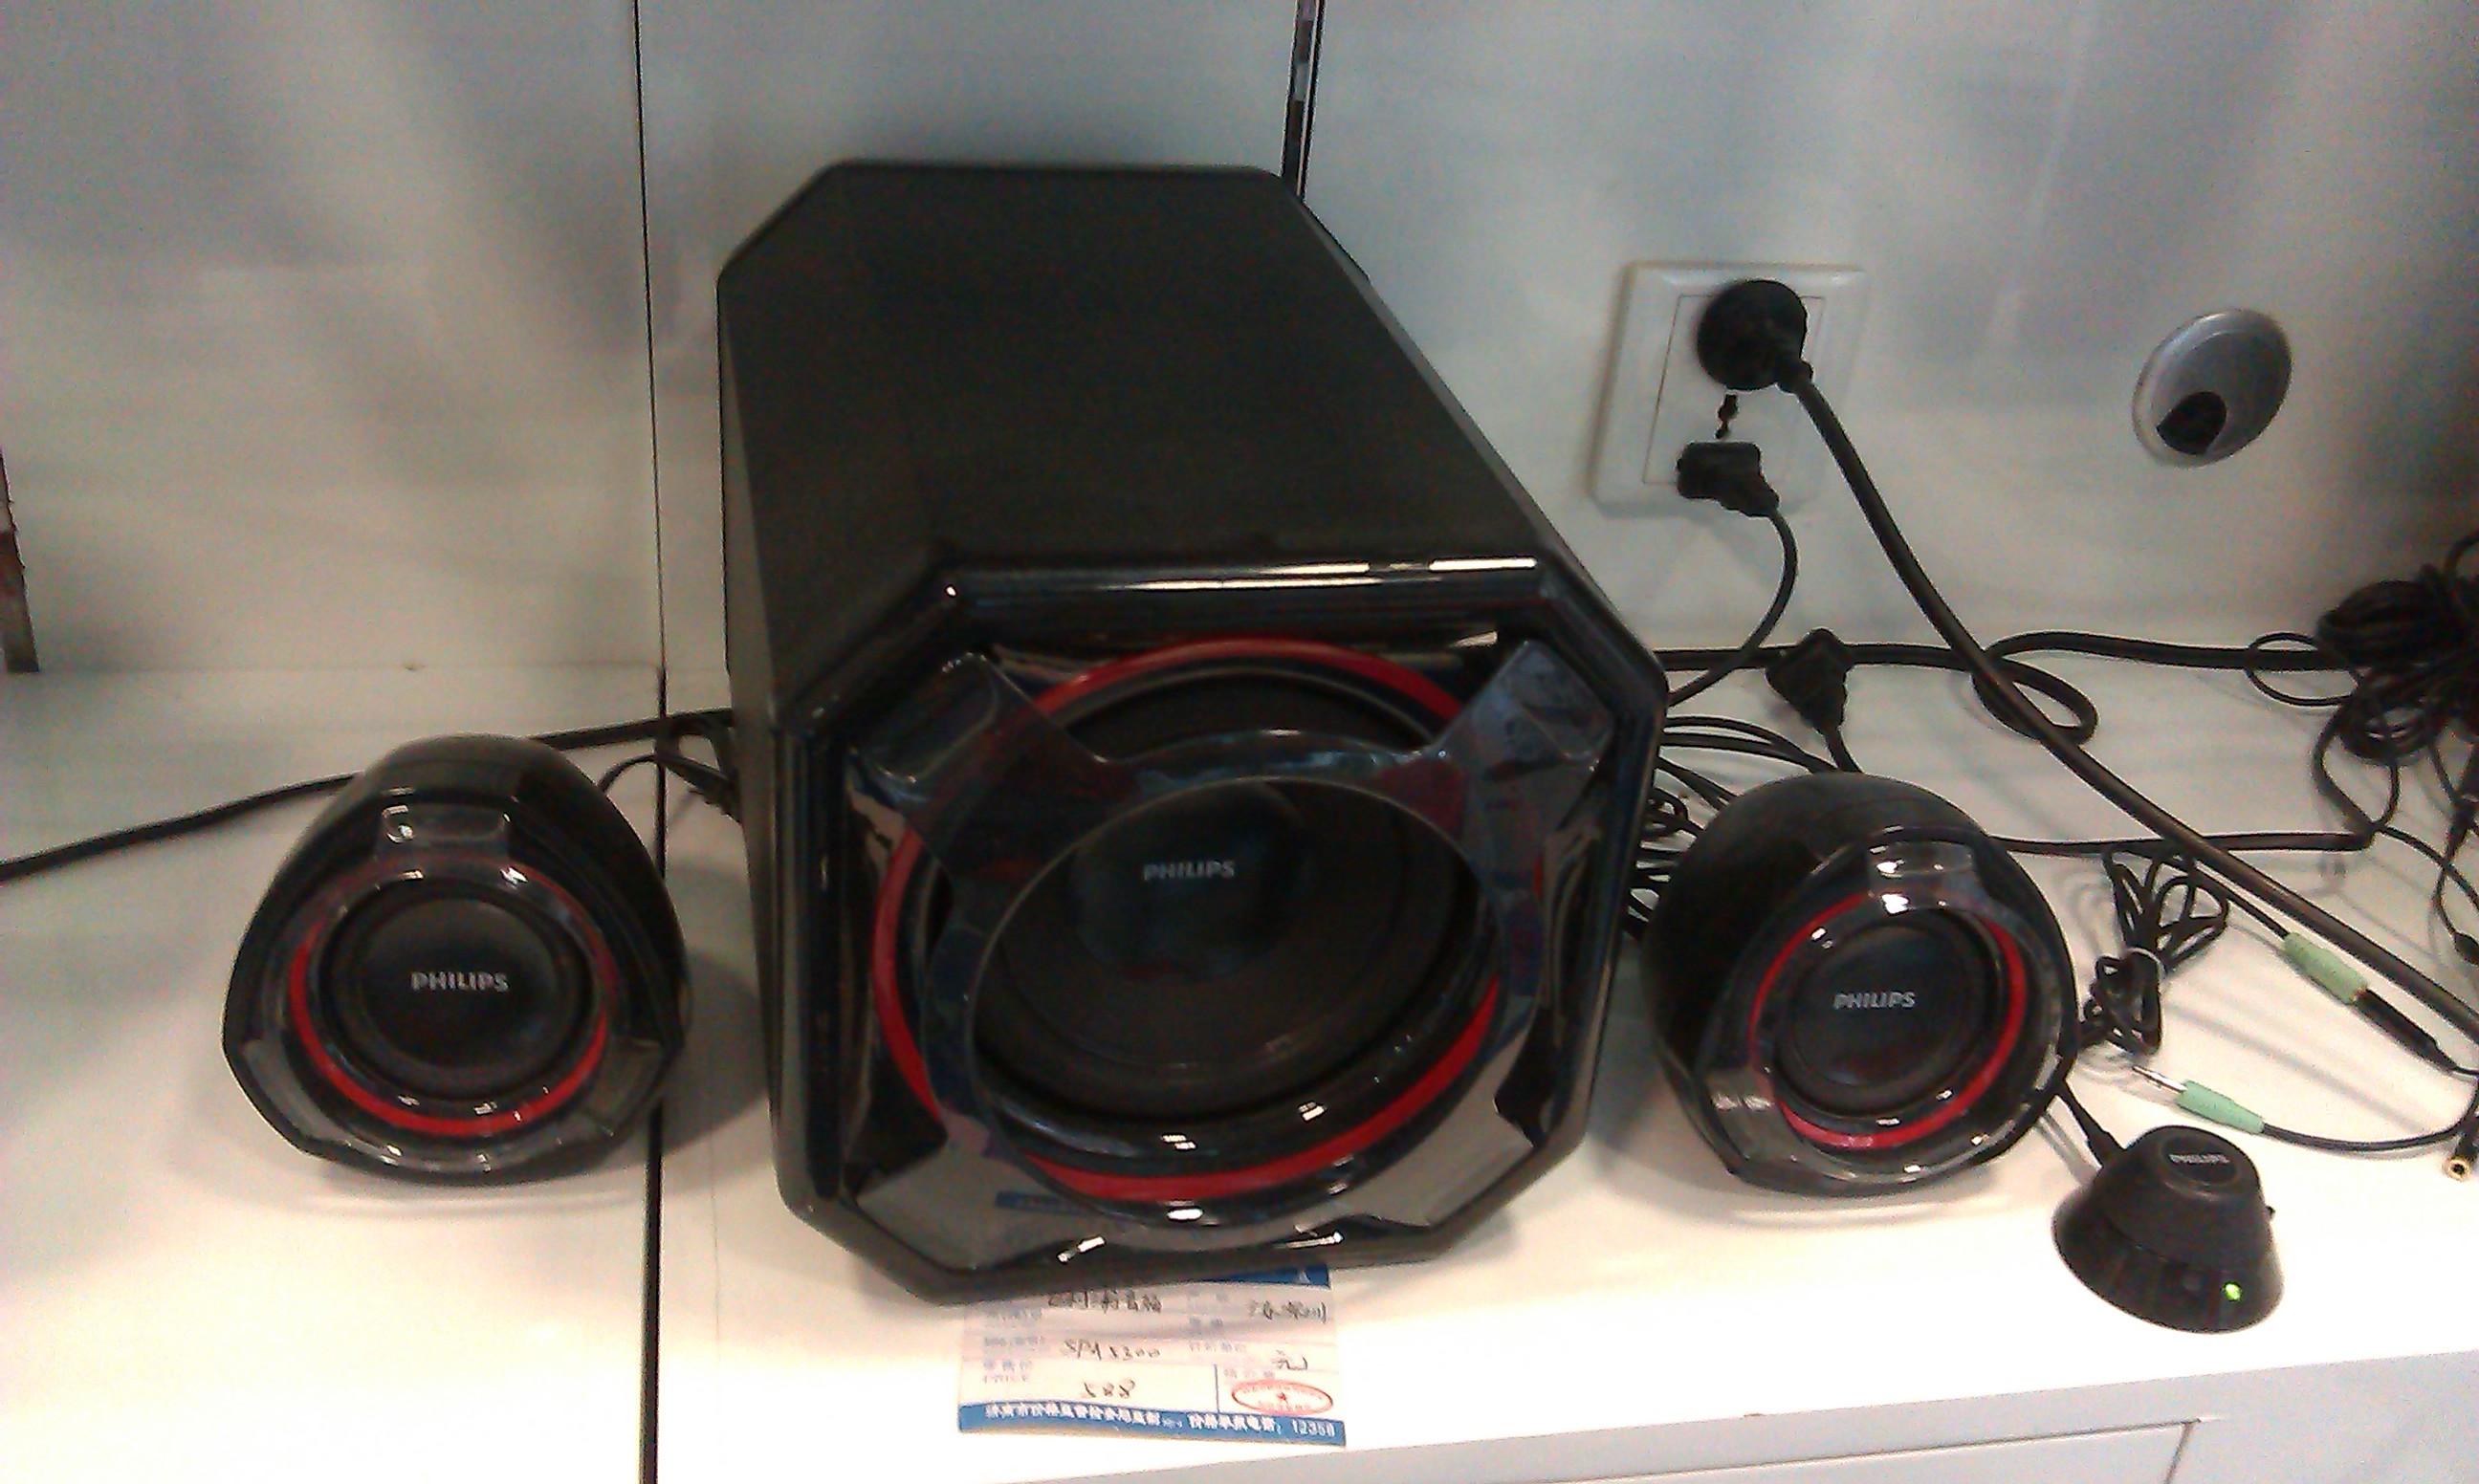 飞利浦音箱spa5300笔记本电脑台式机音箱2.1低音炮线控音响高清图片